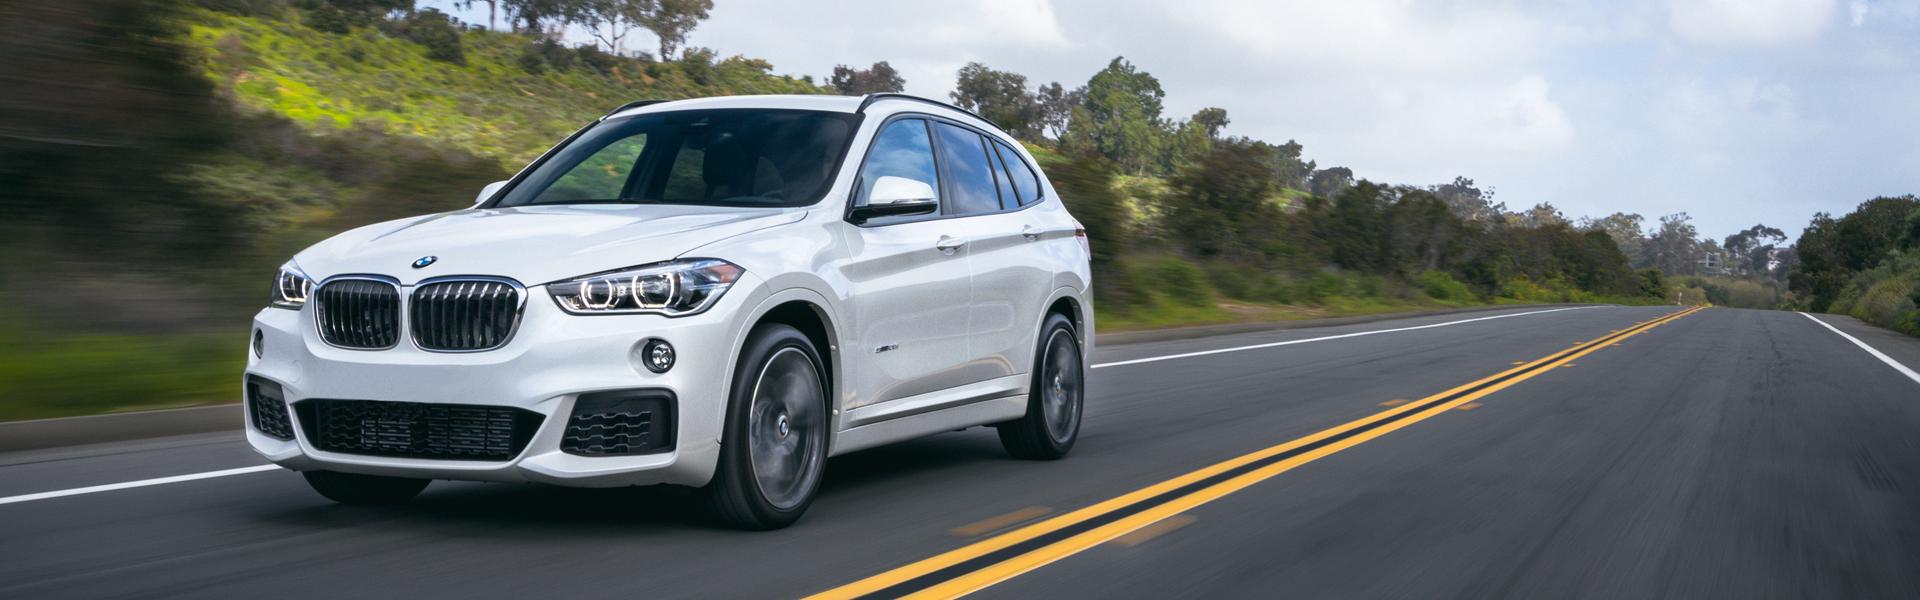 New BMW X7 Model Information | BMW of Minnetonka